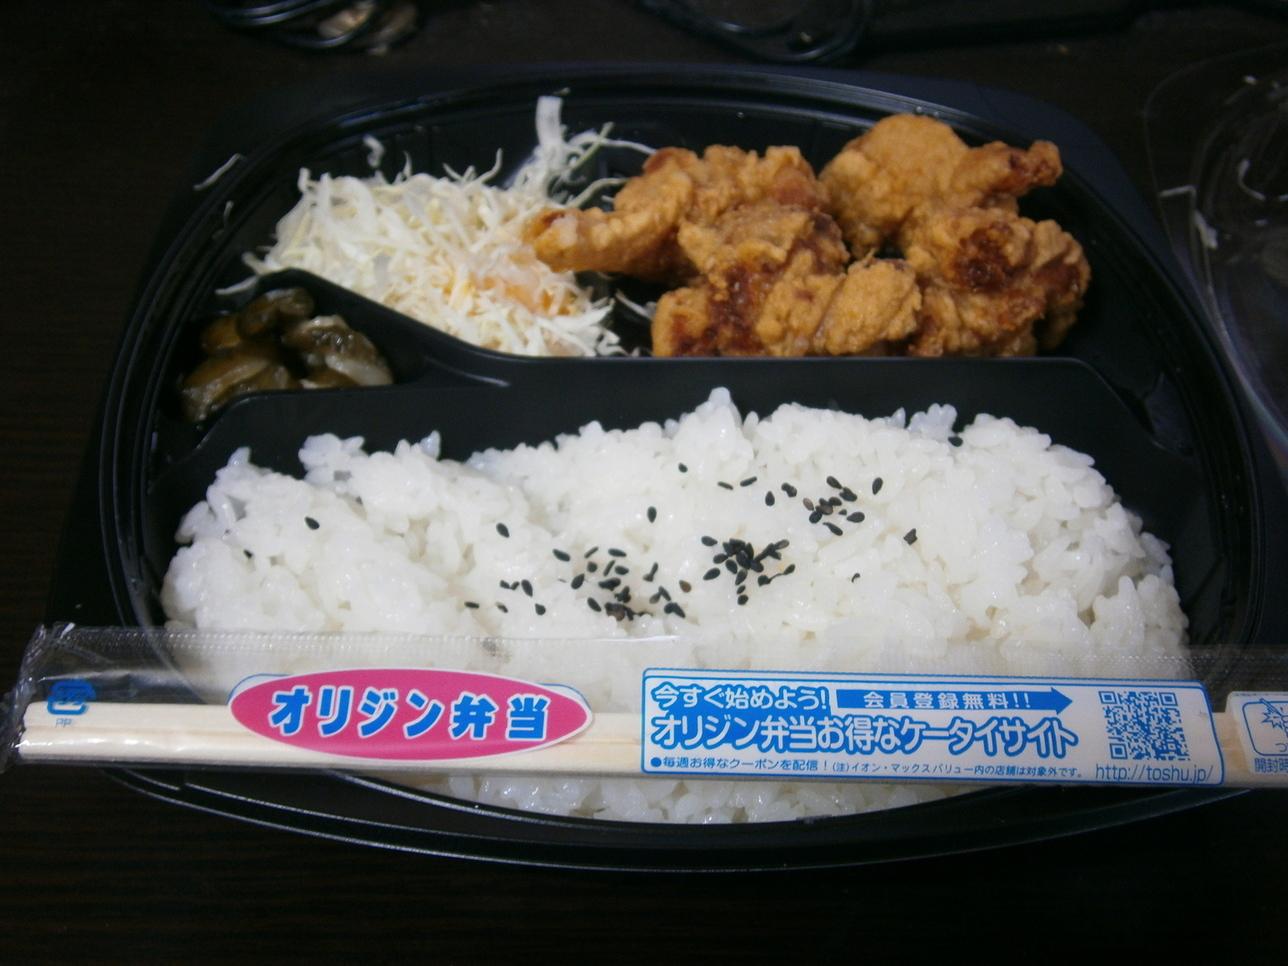 オリジン弁当 河内永和店